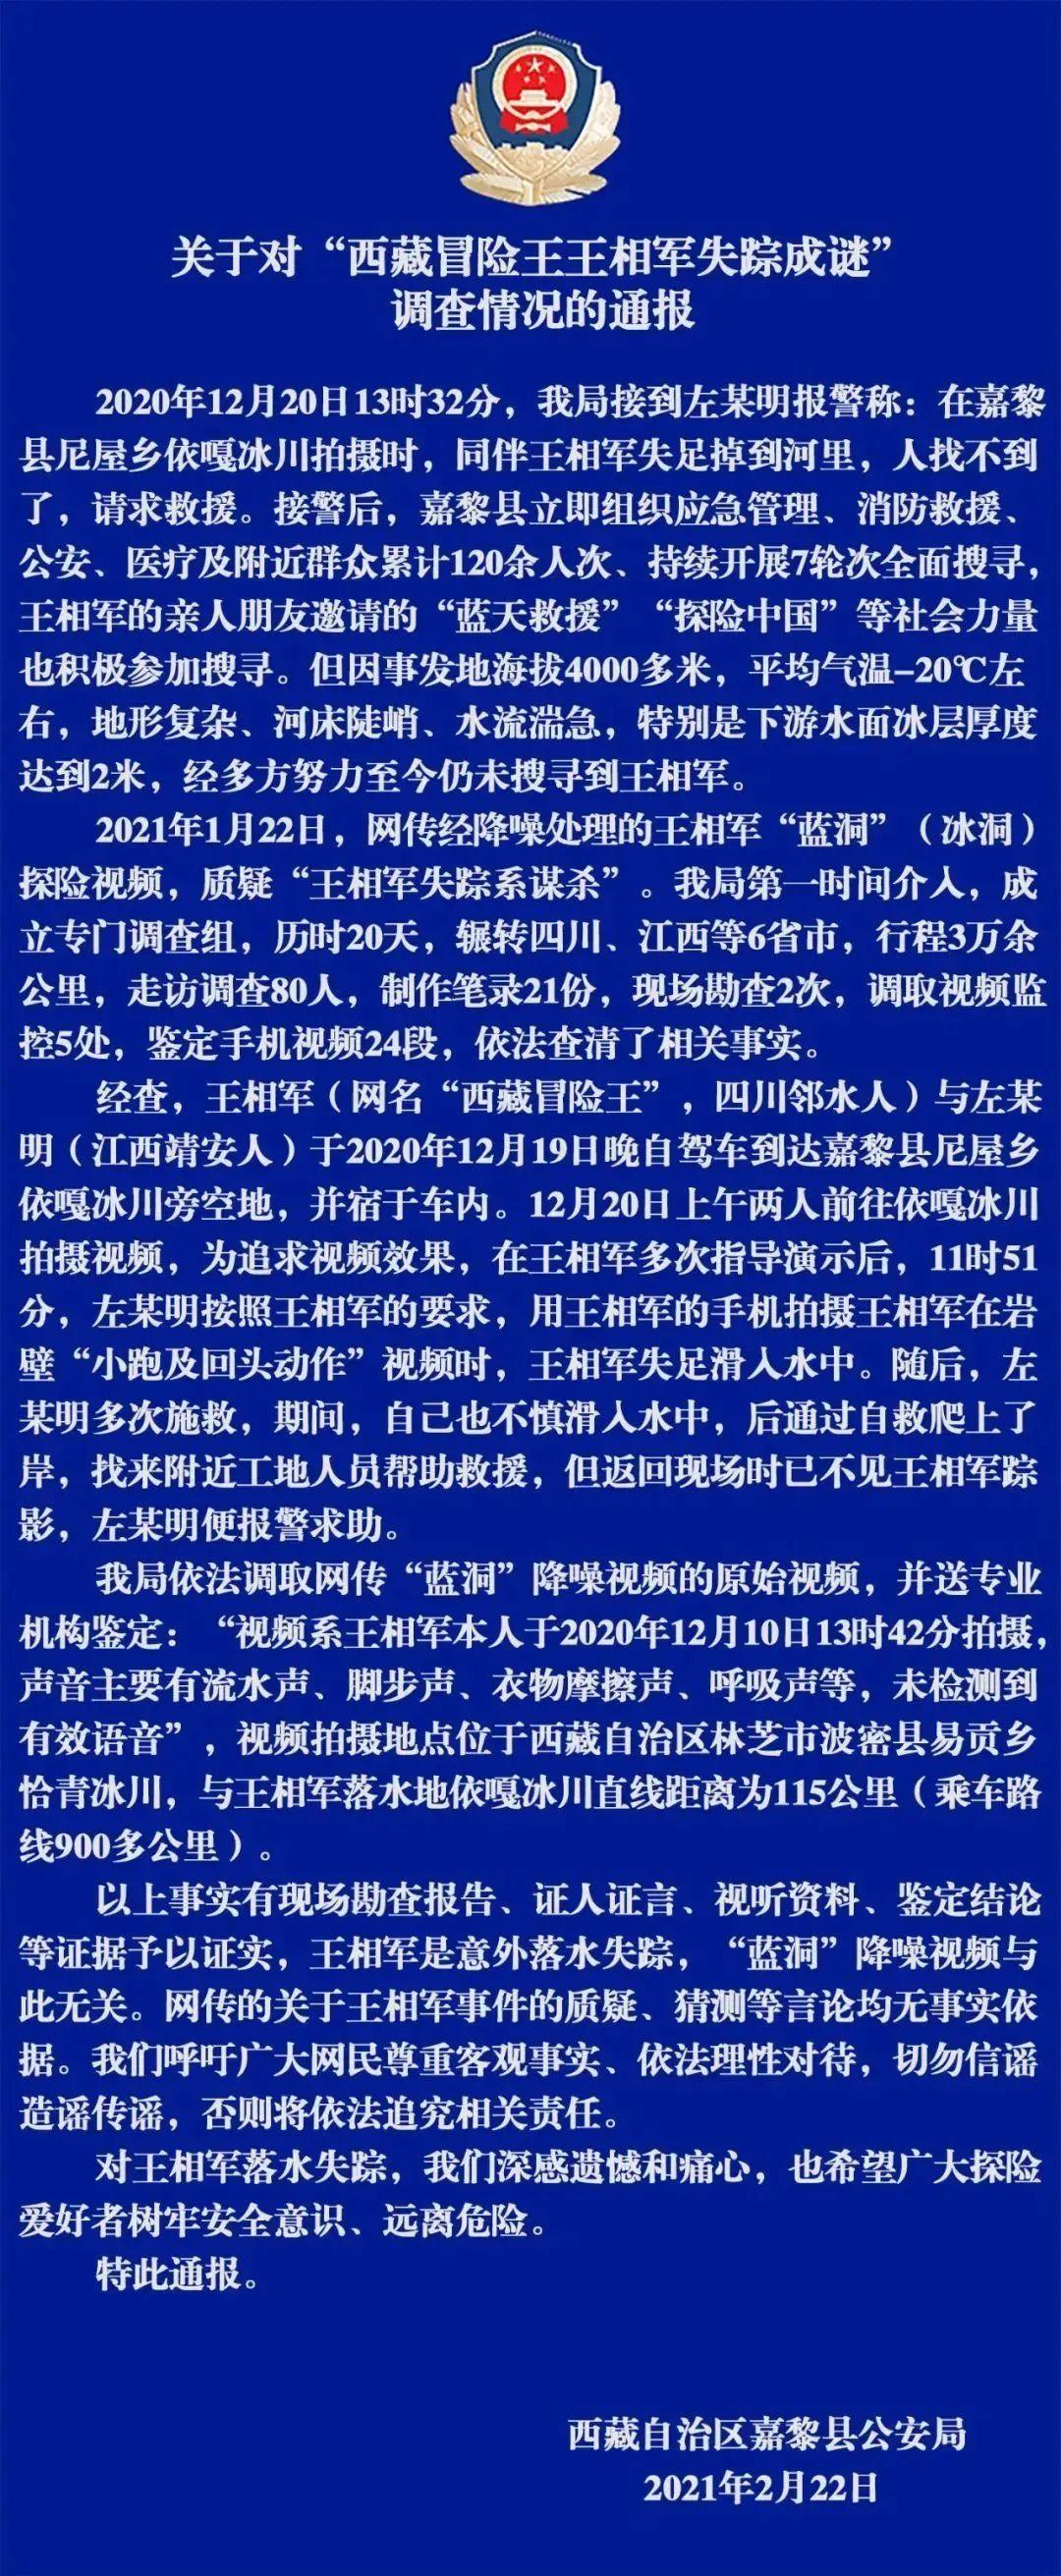 【权威】官方通报!西藏冒险王遭谋杀?警方:系意外